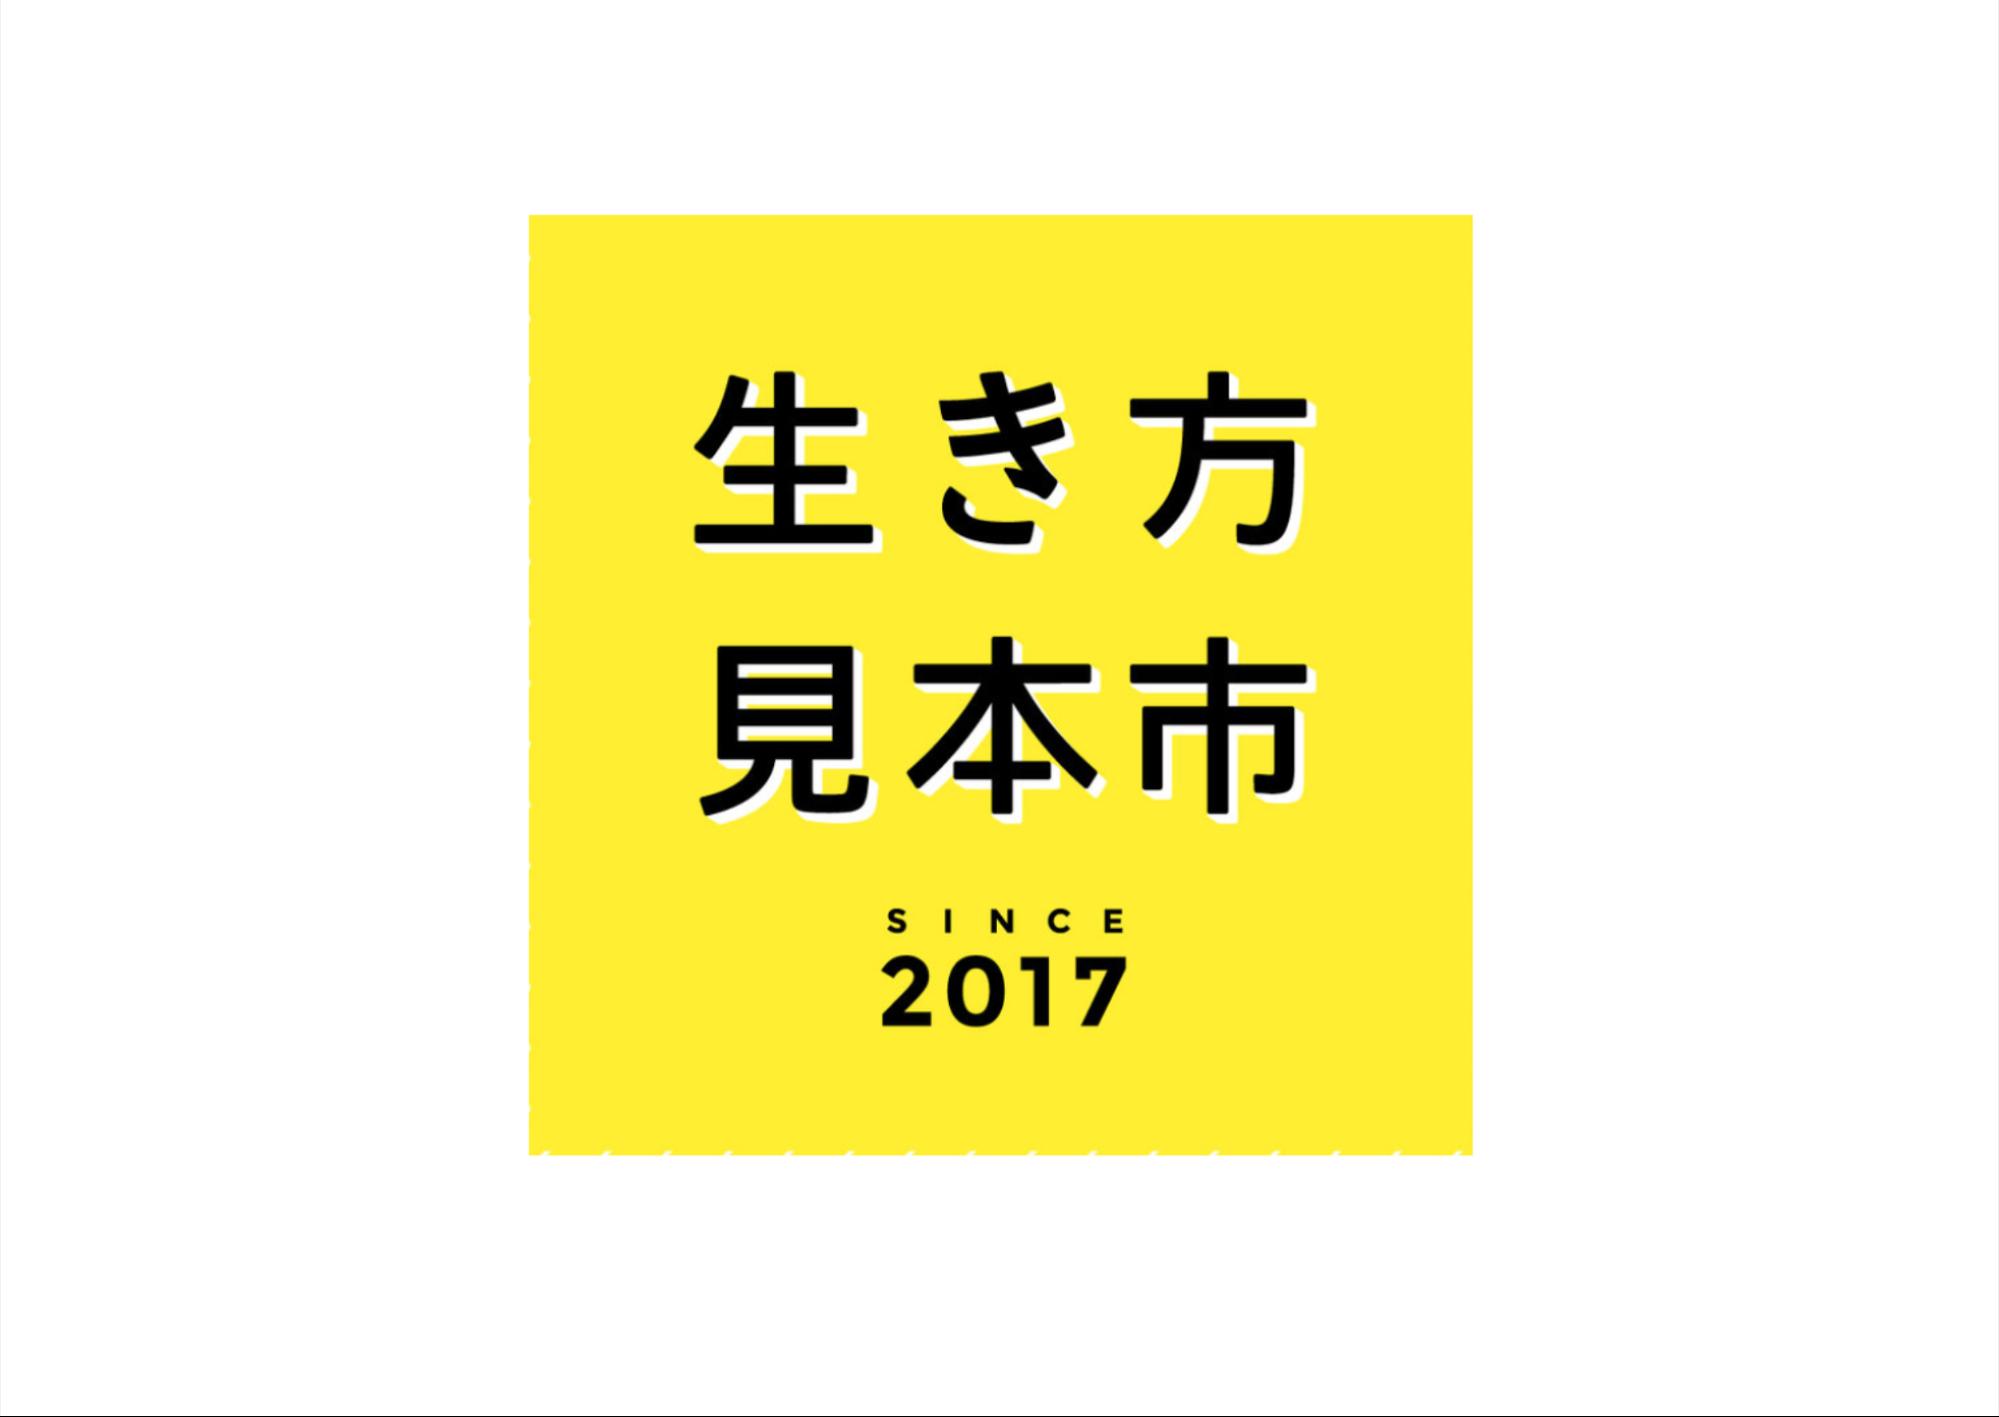 10/7(月)生き方見本市 MIYAZAKI キックオフ会開催します!